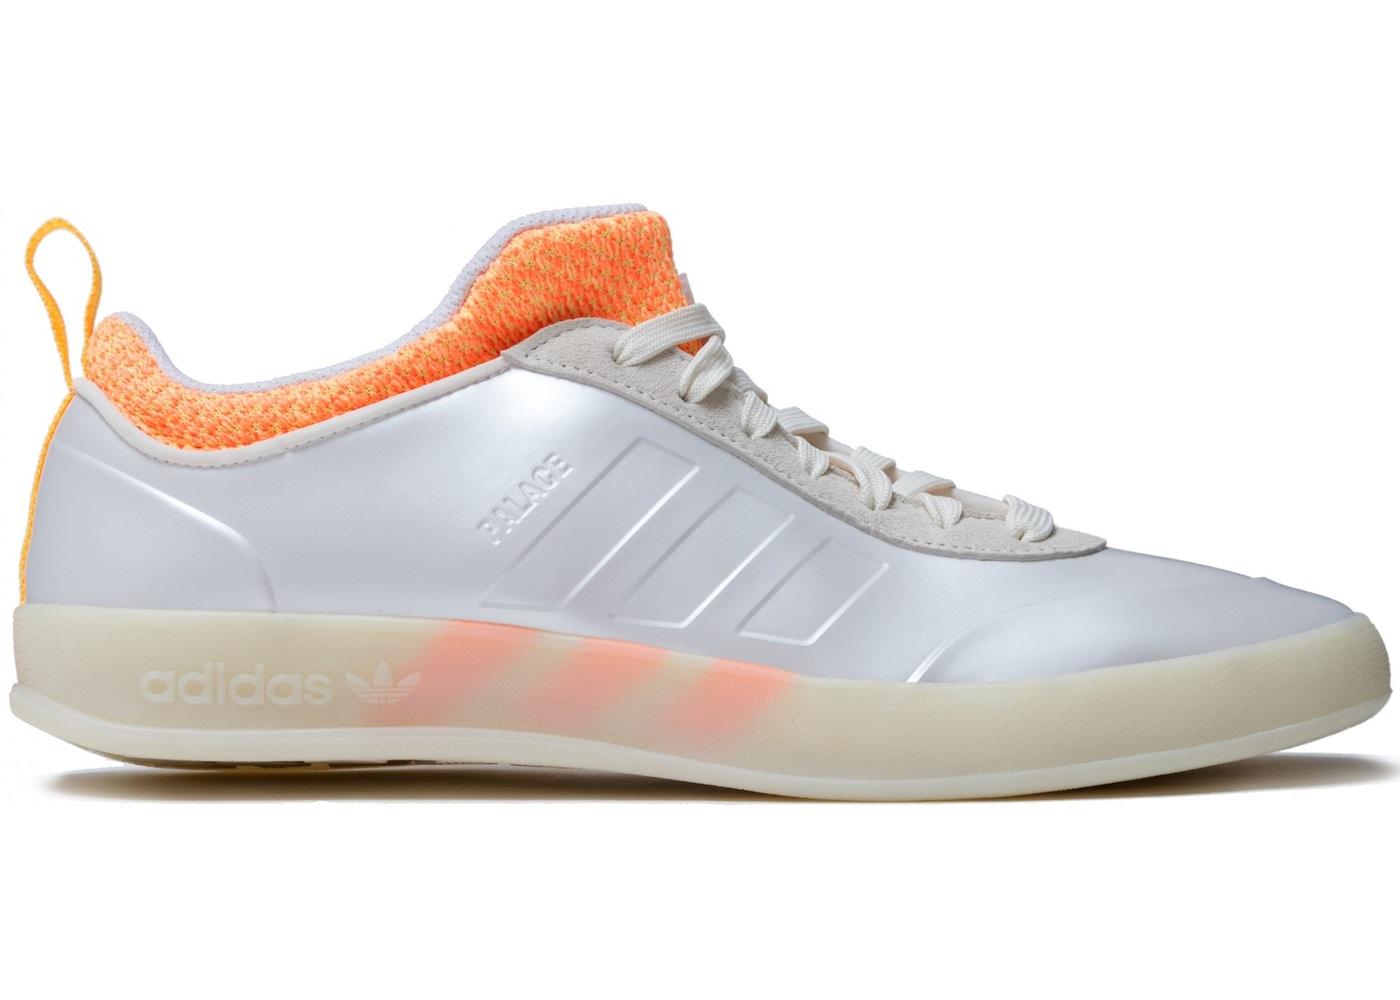 buy popular 7e4b3 8938c adidas Palace Pro 2 White Orange